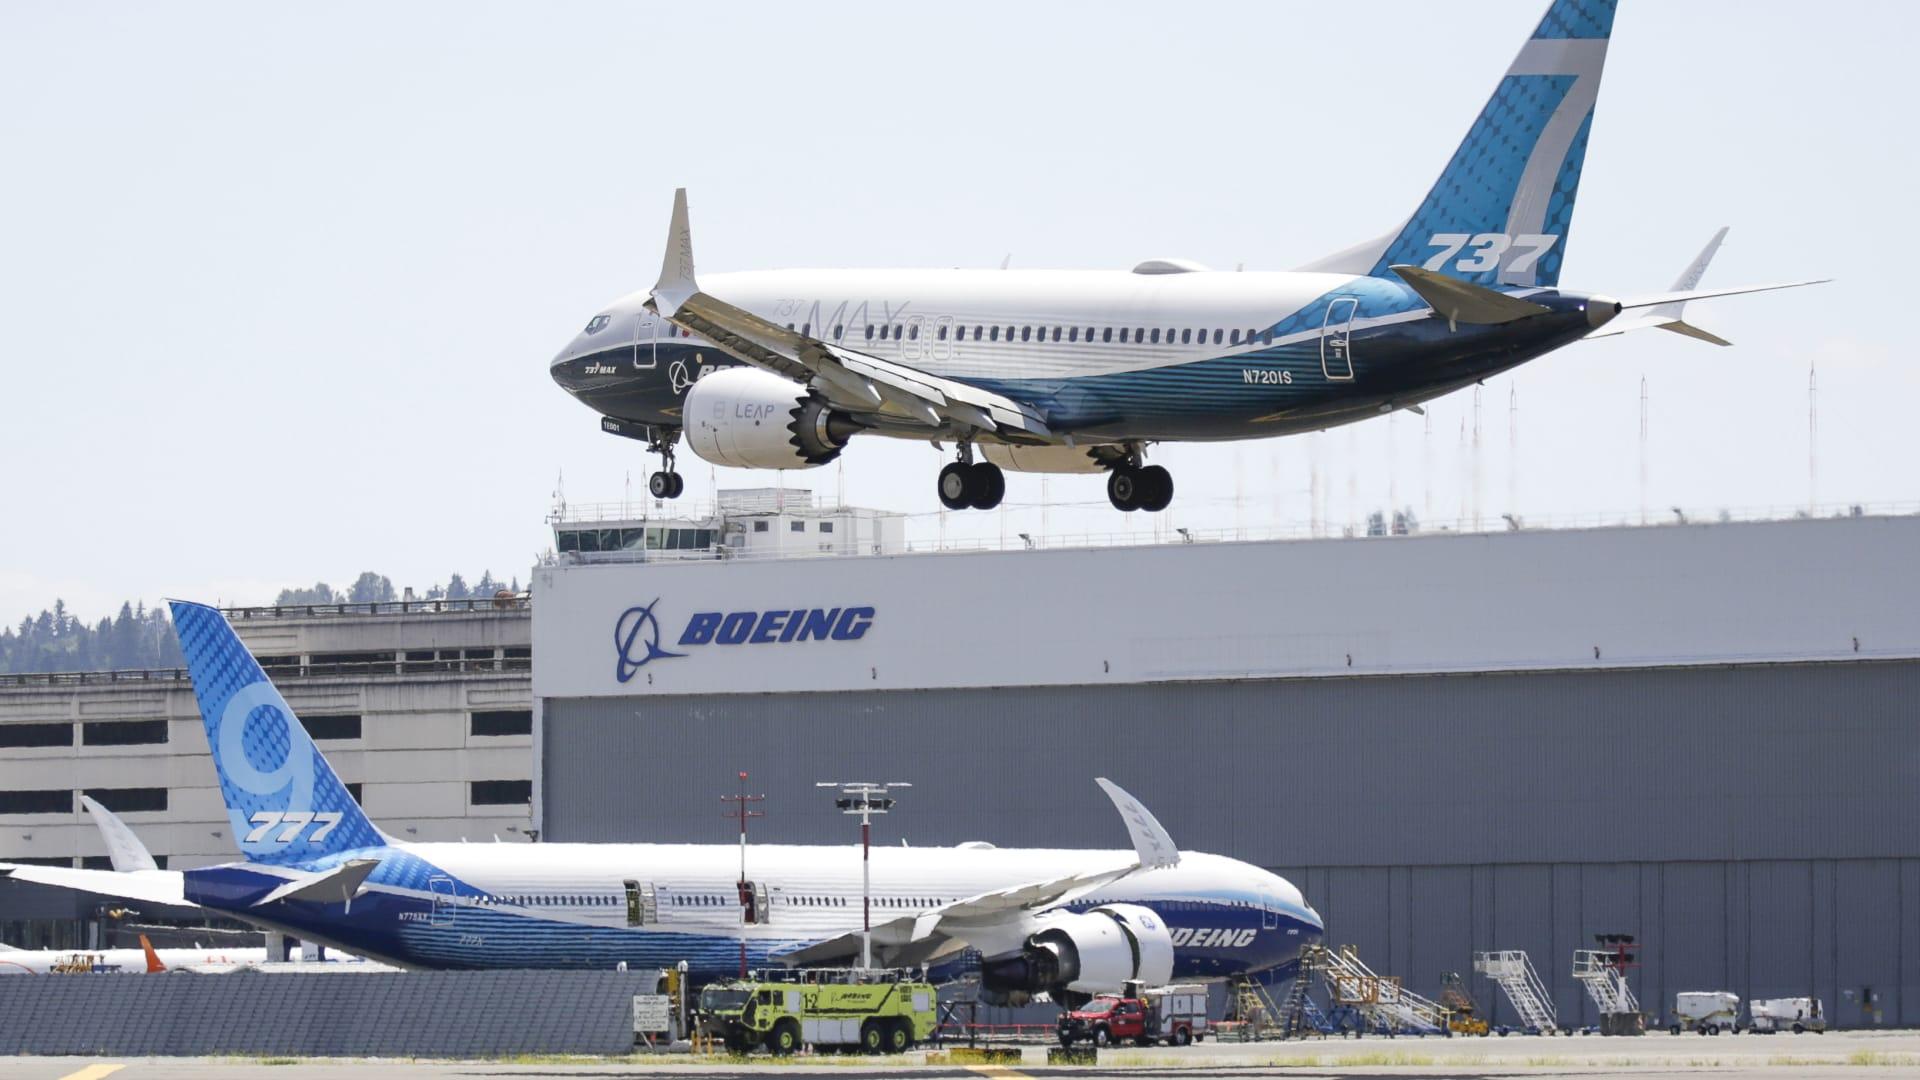 كيف ستؤثر حوادث 737 ماكس على مستقبل بوينغ في صناعة الطائرات؟